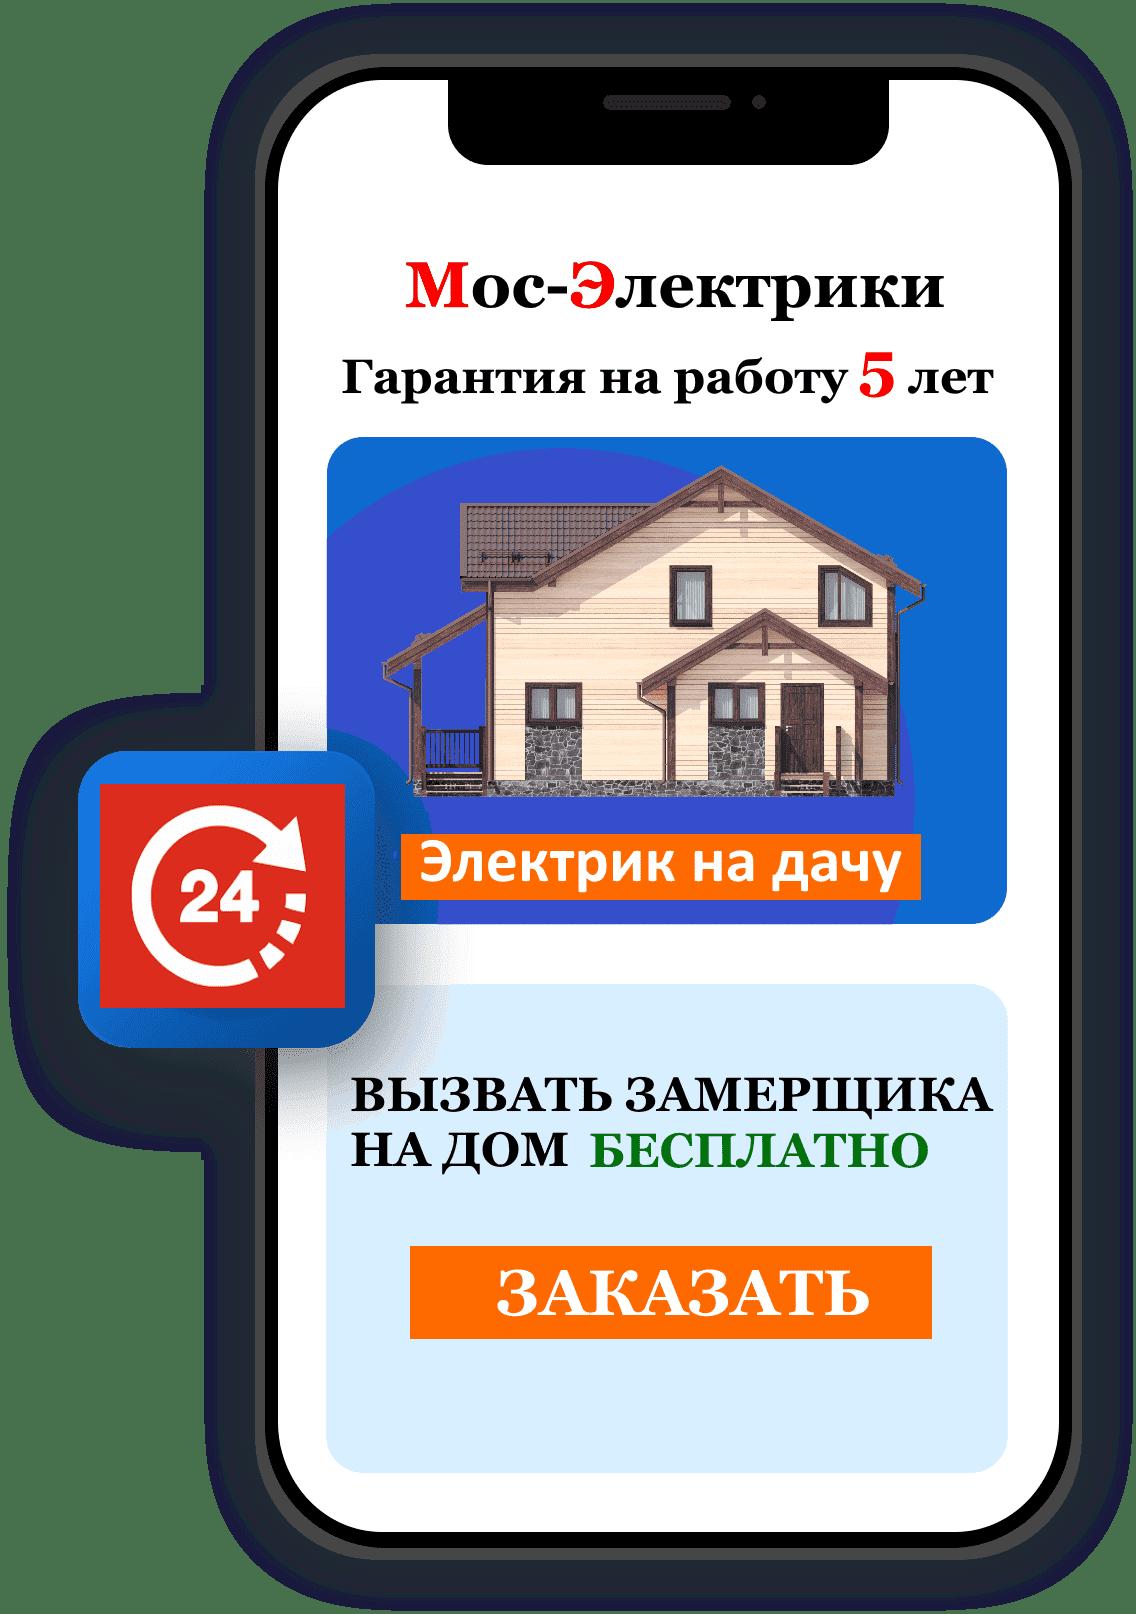 электрика на даче под ключ цена подмосковье